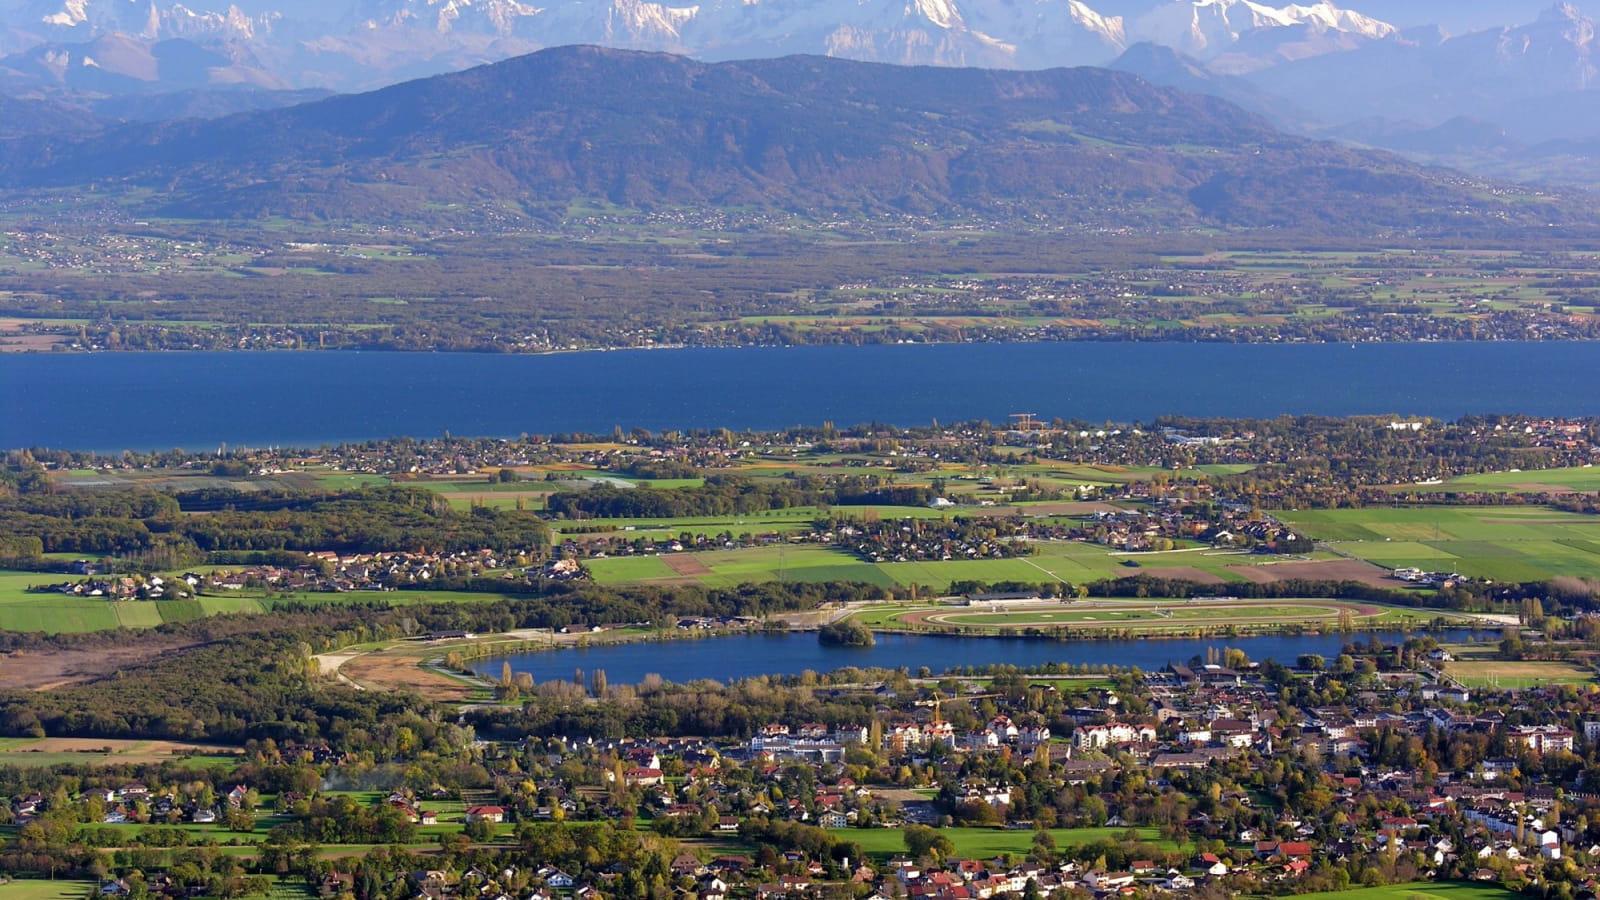 Divonne-les-Bains city's view